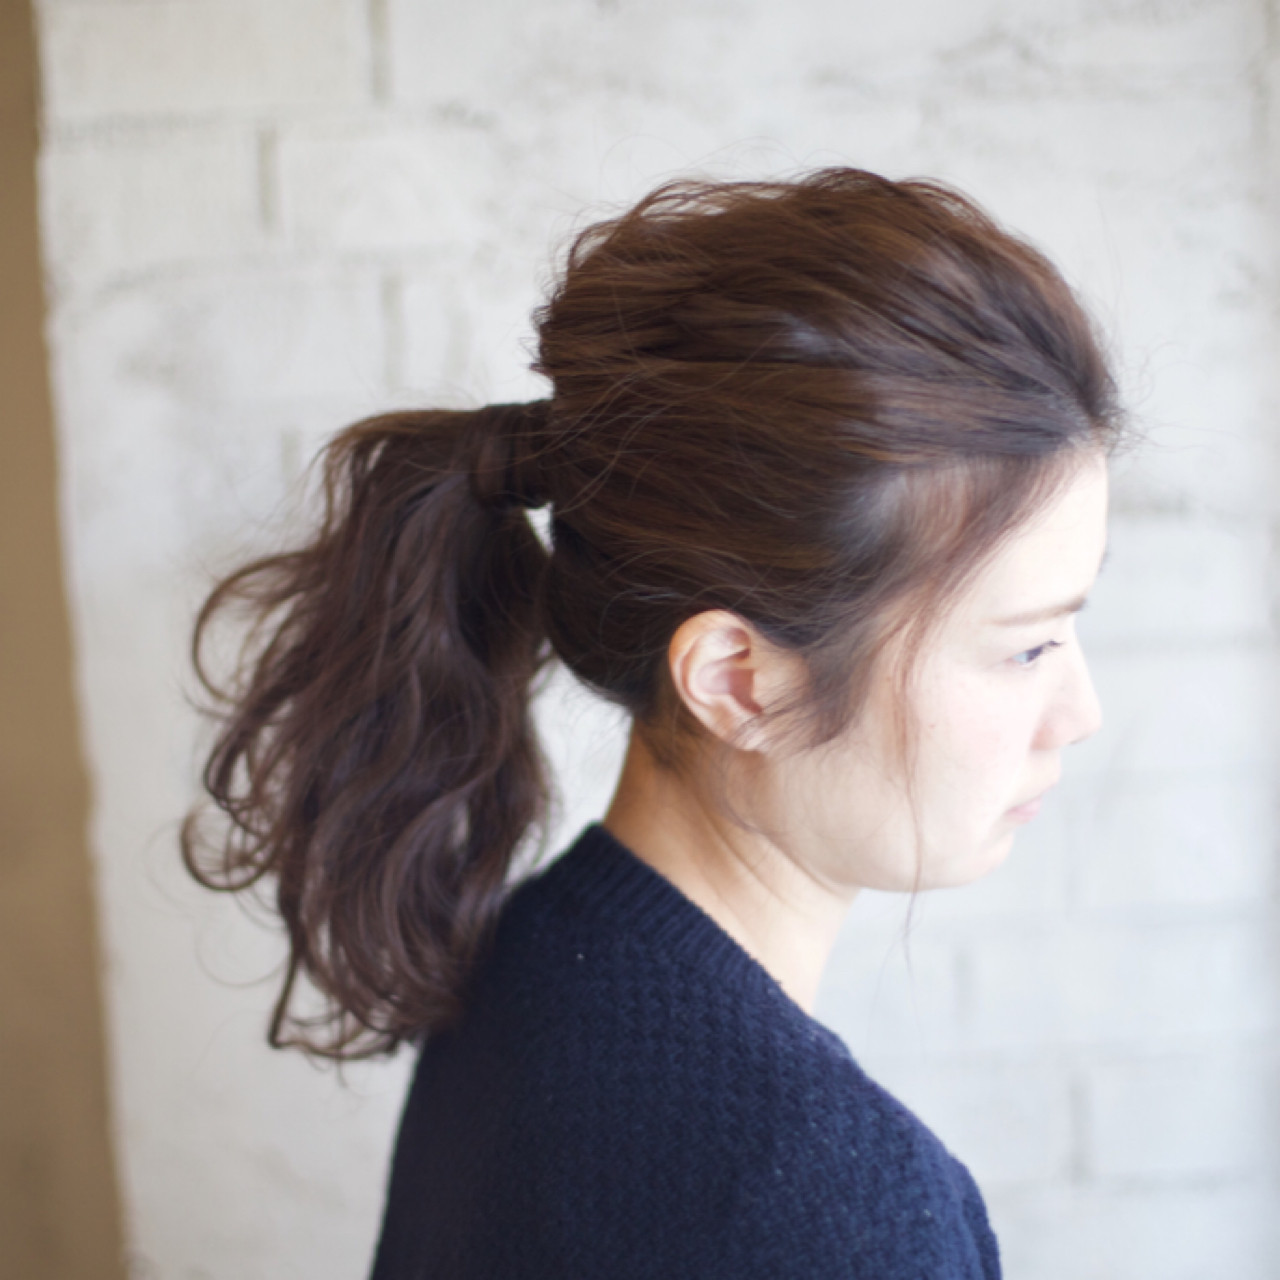 簡単ヘアアレンジ 大人かわいい ショート ポニーテール ヘアスタイルや髪型の写真・画像